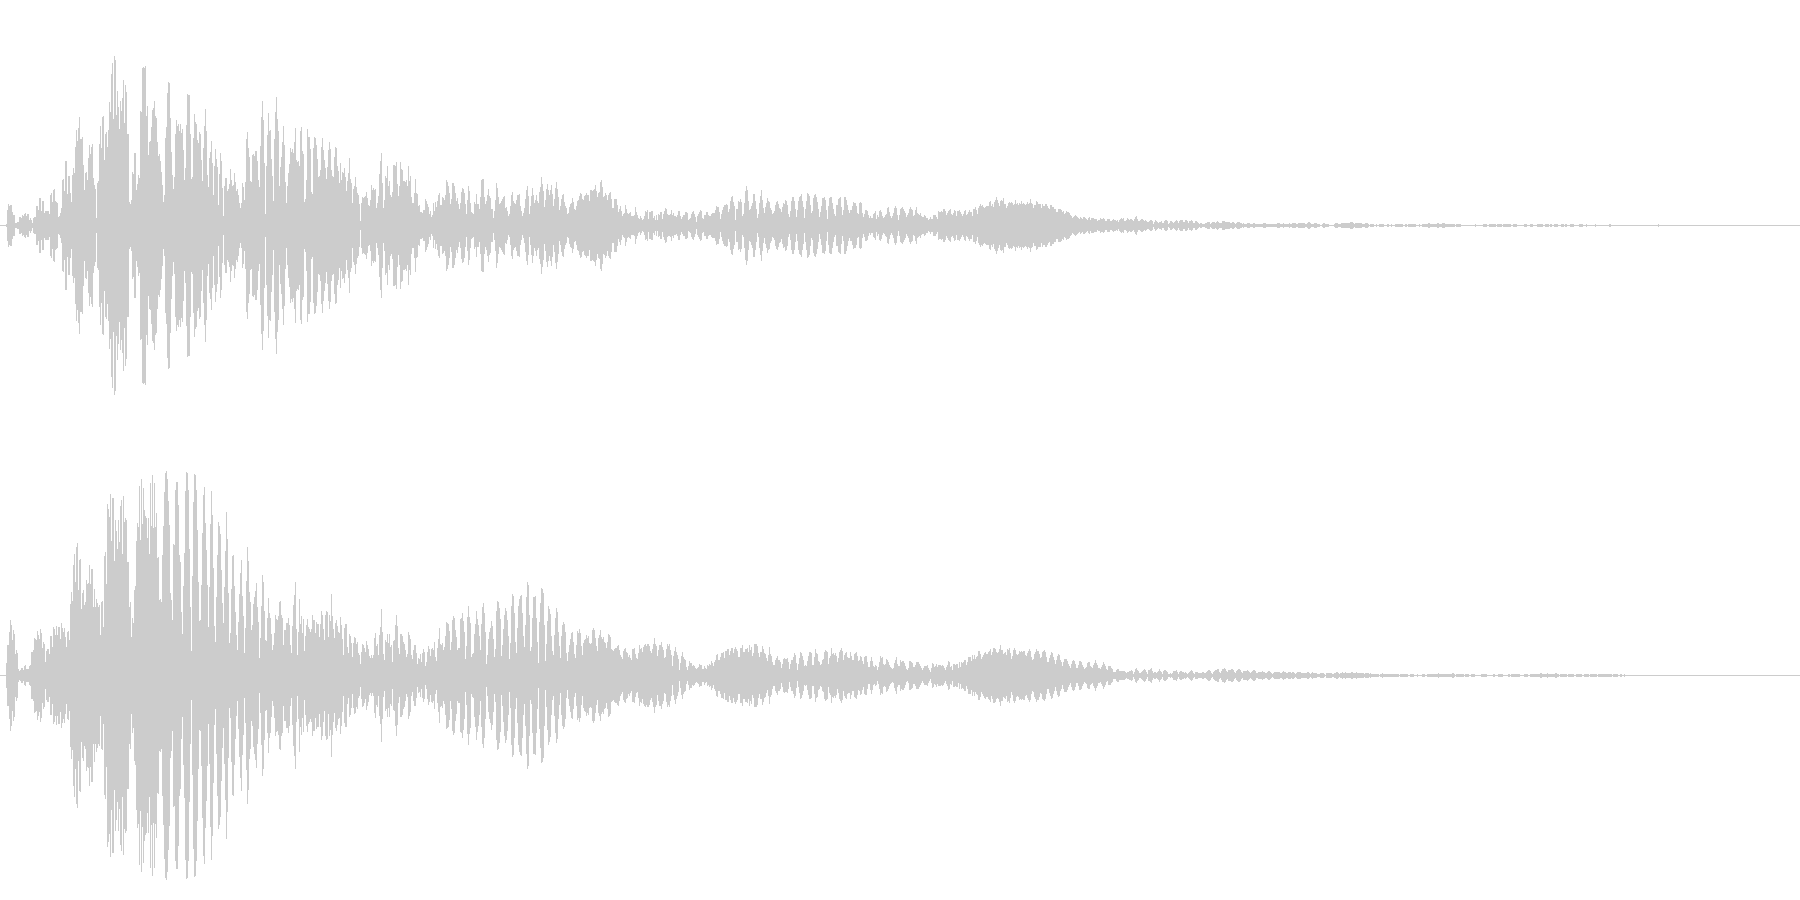 2つの音から成る落ち着いたトーンの効果音の未再生の波形